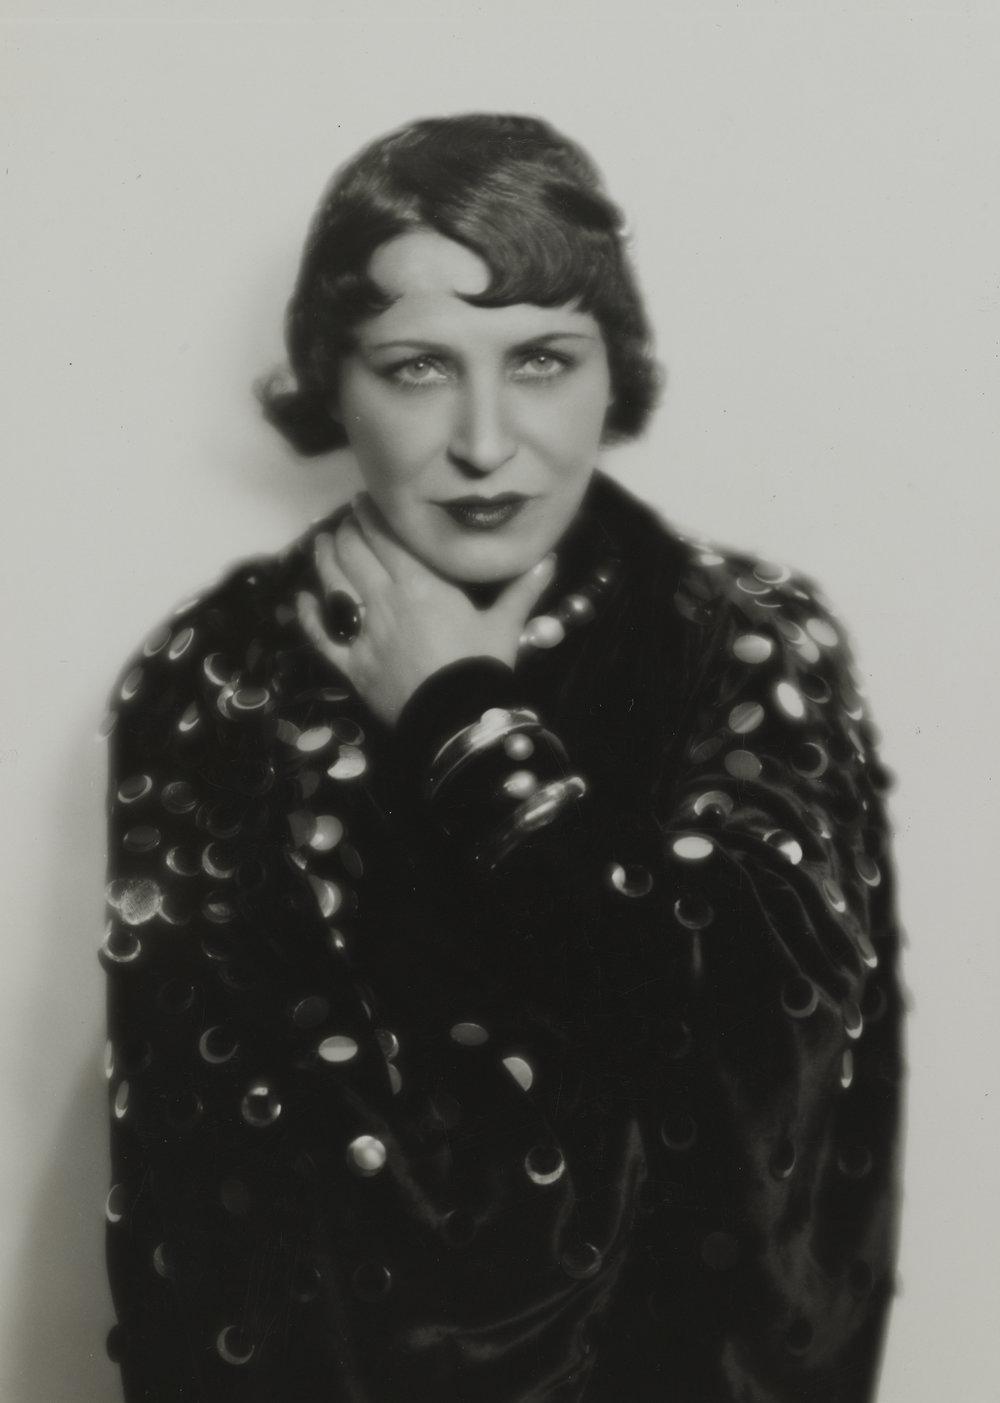 Madame d'Ora, Chansonette Damia, 1930, Silbergelatineabzug, 24,3 x 17,1 cm © Nachlass d'Ora/Museum für Kunst und Gewerbe Hamburg